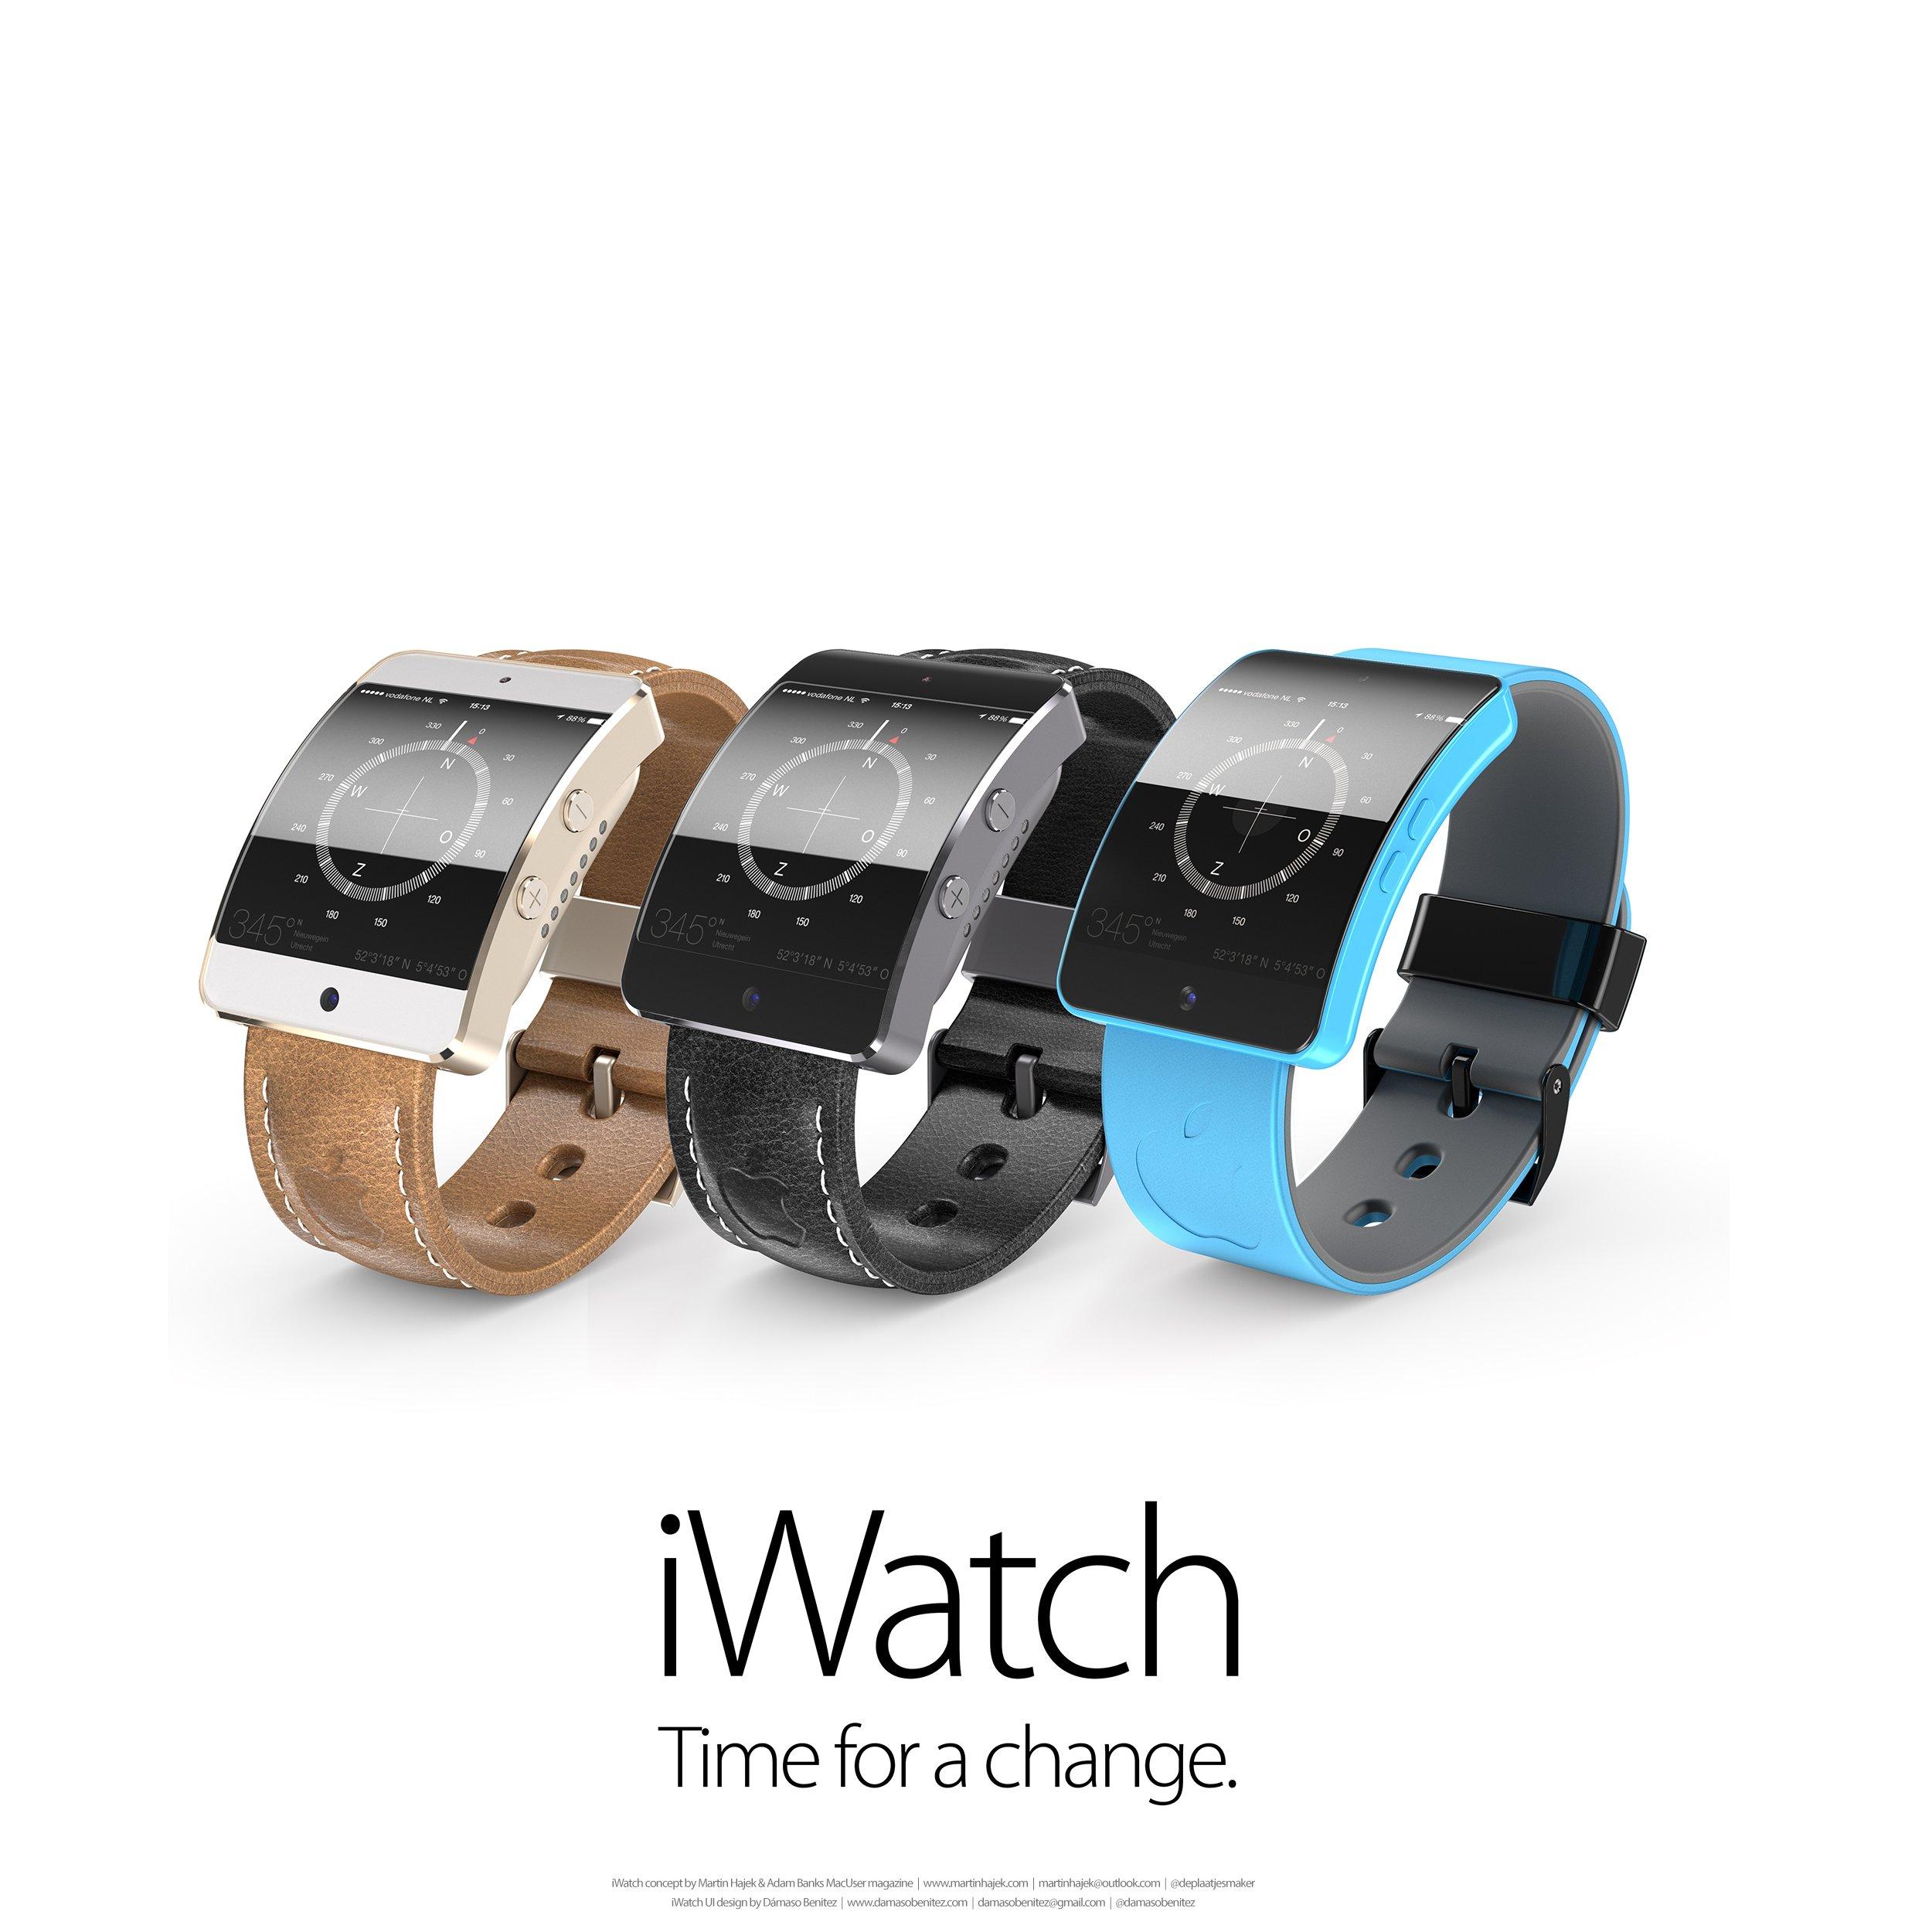 apple iwatch mit superd nnem 1 5 zoll oled display von lg. Black Bedroom Furniture Sets. Home Design Ideas